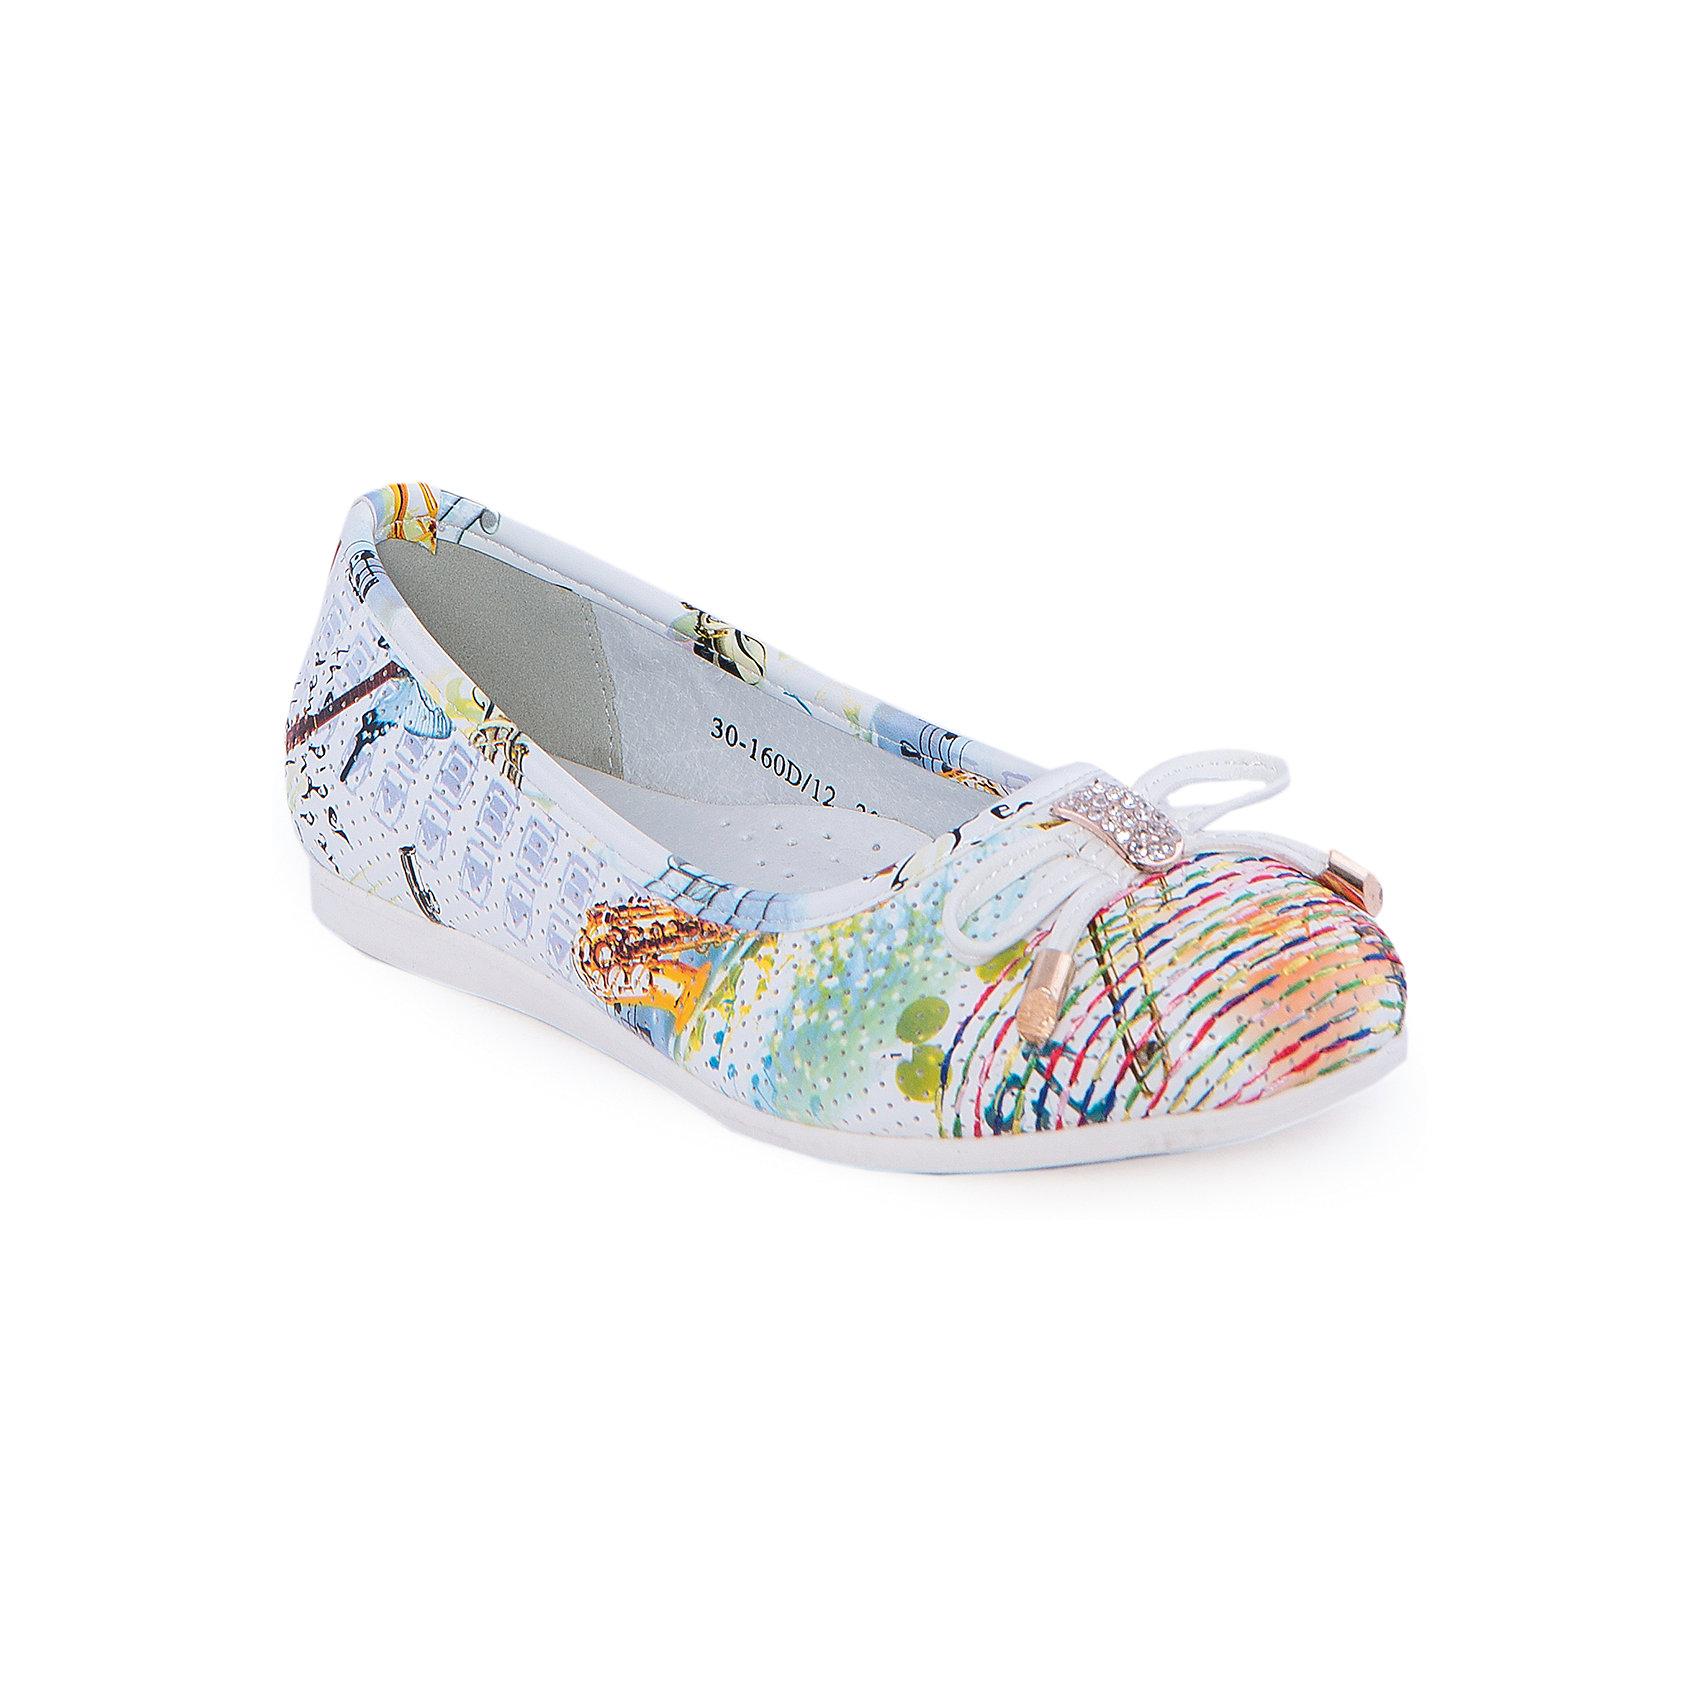 Туфли для девочки Indigo kidsТуфли для девочки от известного бренда Indigo kids <br> <br>Яркие эффектные туфли-балетки отлично подойдут к праздничному наряду, а также они внесут яркую нотку в будничный ансамбль. Туфли легко надеваются, комфортно садятся по ноге, дают коже дышать. <br> <br>Особенности модели: <br> <br>- цвет: разноцветный; <br>- стильный дизайн; <br>- удобная колодка; <br>- каблук: нет; <br>- подкладка из натуральной кожи; <br>- перфорация на изделии, обеспечивающая вентиляцию; <br>- украшение - бант из кожи, стразы, яркая прошивка на носке; <br>- устойчивая нескользящая подошва; <br>- без застежки. <br> <br>Дополнительная информация: <br> <br>Состав: <br> <br>верх – искусственная кожа; <br>подкладка - натуральная кожа; <br>подошва - ТЭП. <br> <br>Туфли для девочки Indigo kids (Индиго Кидс) можно купить в нашем магазине.<br><br>Ширина мм: 227<br>Глубина мм: 145<br>Высота мм: 124<br>Вес г: 325<br>Цвет: разноцветный<br>Возраст от месяцев: 96<br>Возраст до месяцев: 108<br>Пол: Женский<br>Возраст: Детский<br>Размер: 32,35,30,31,33,34<br>SKU: 4547747